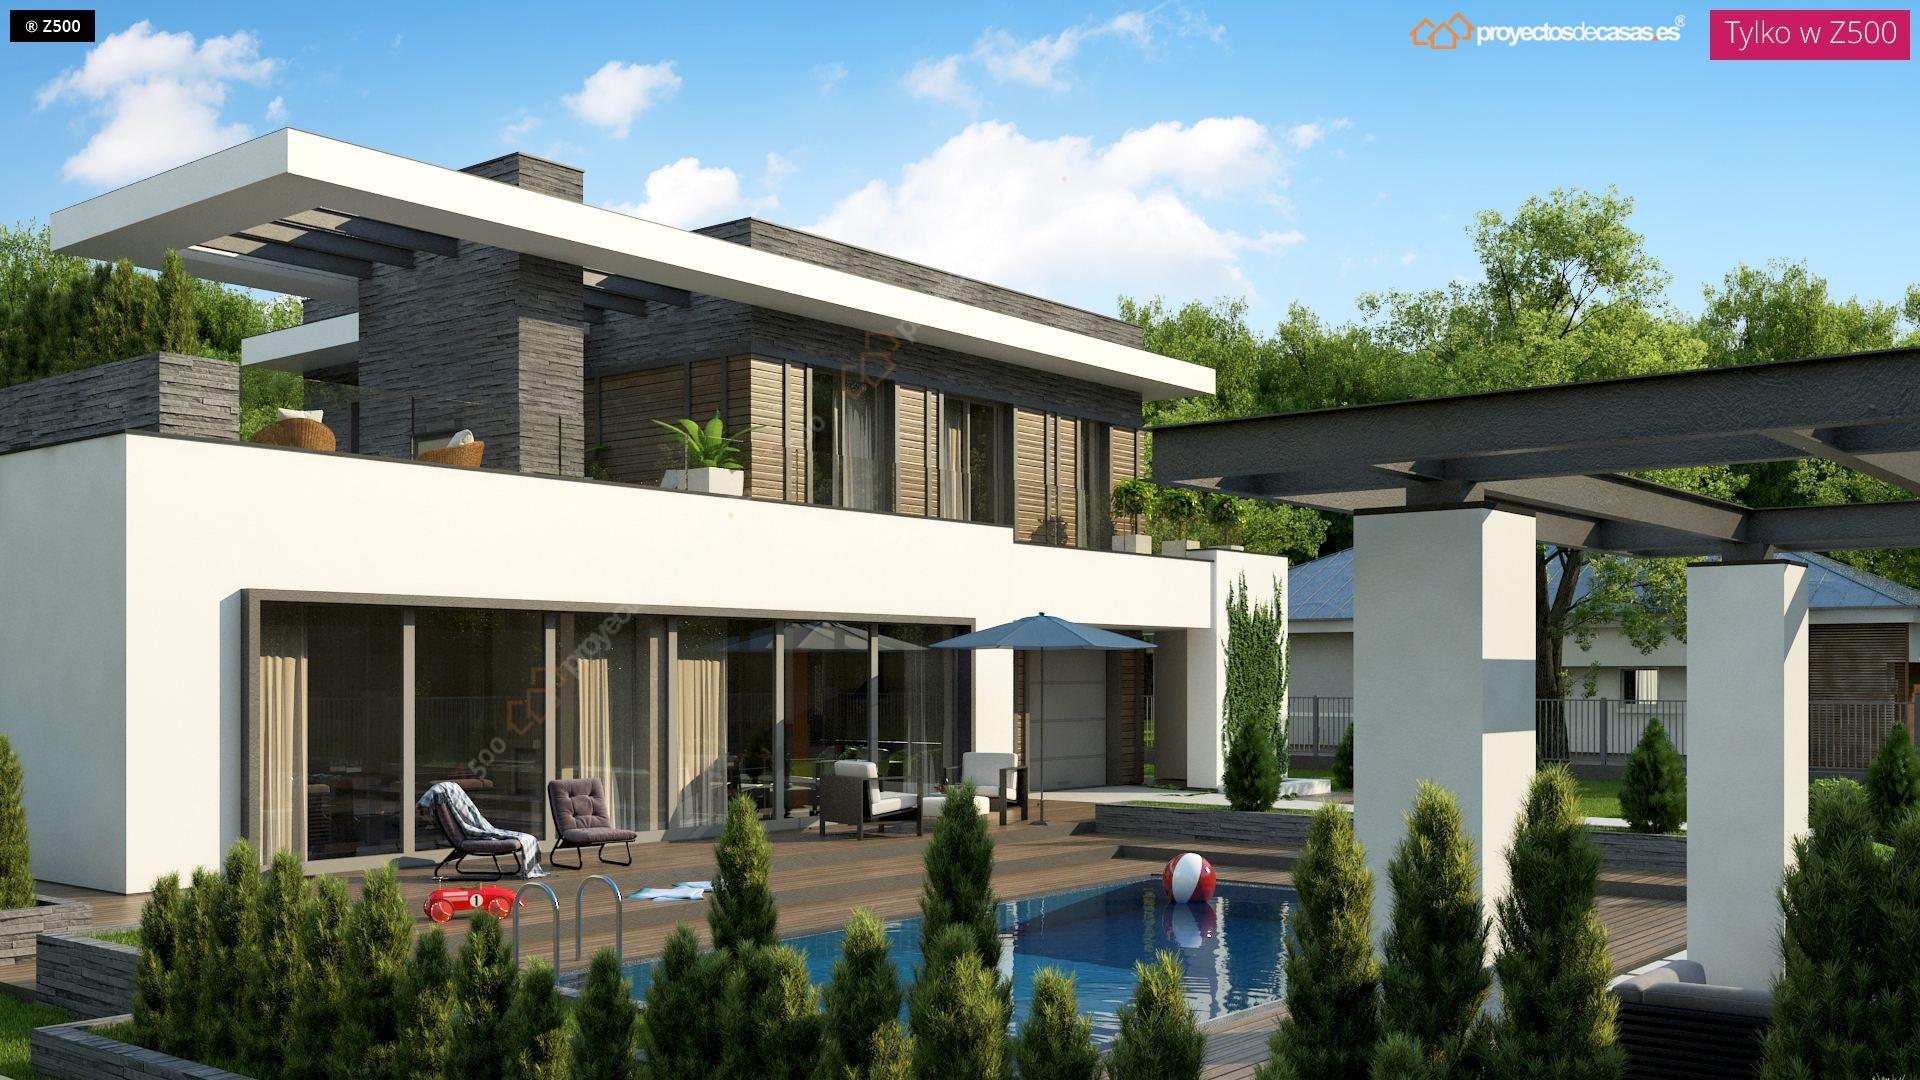 proyectos de casas casa moderna con piscina zaragoza